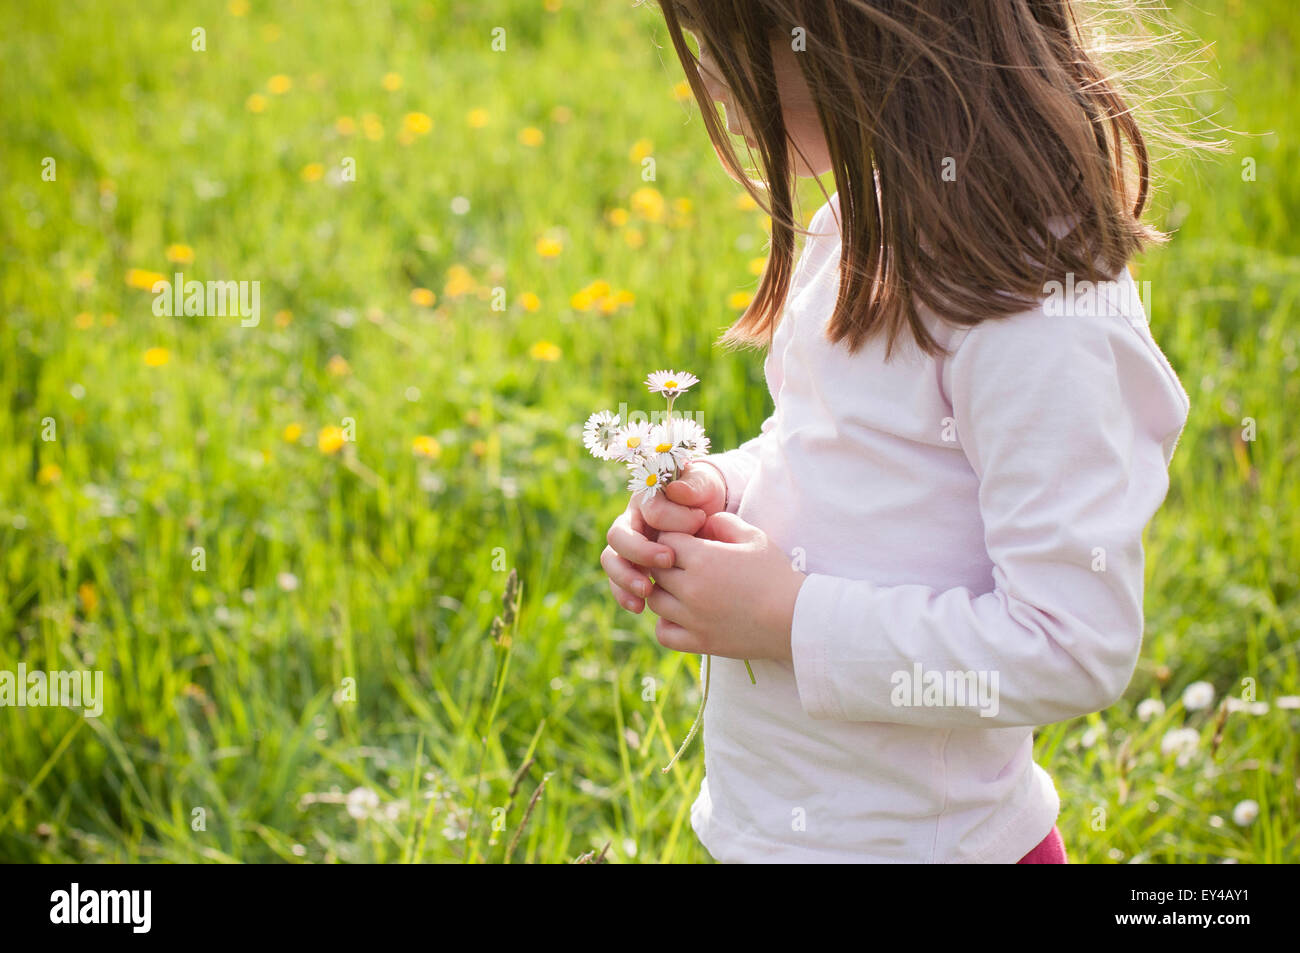 Jeune fille dans la zone Regarder dans ses mains les pâquerettes Banque D'Images